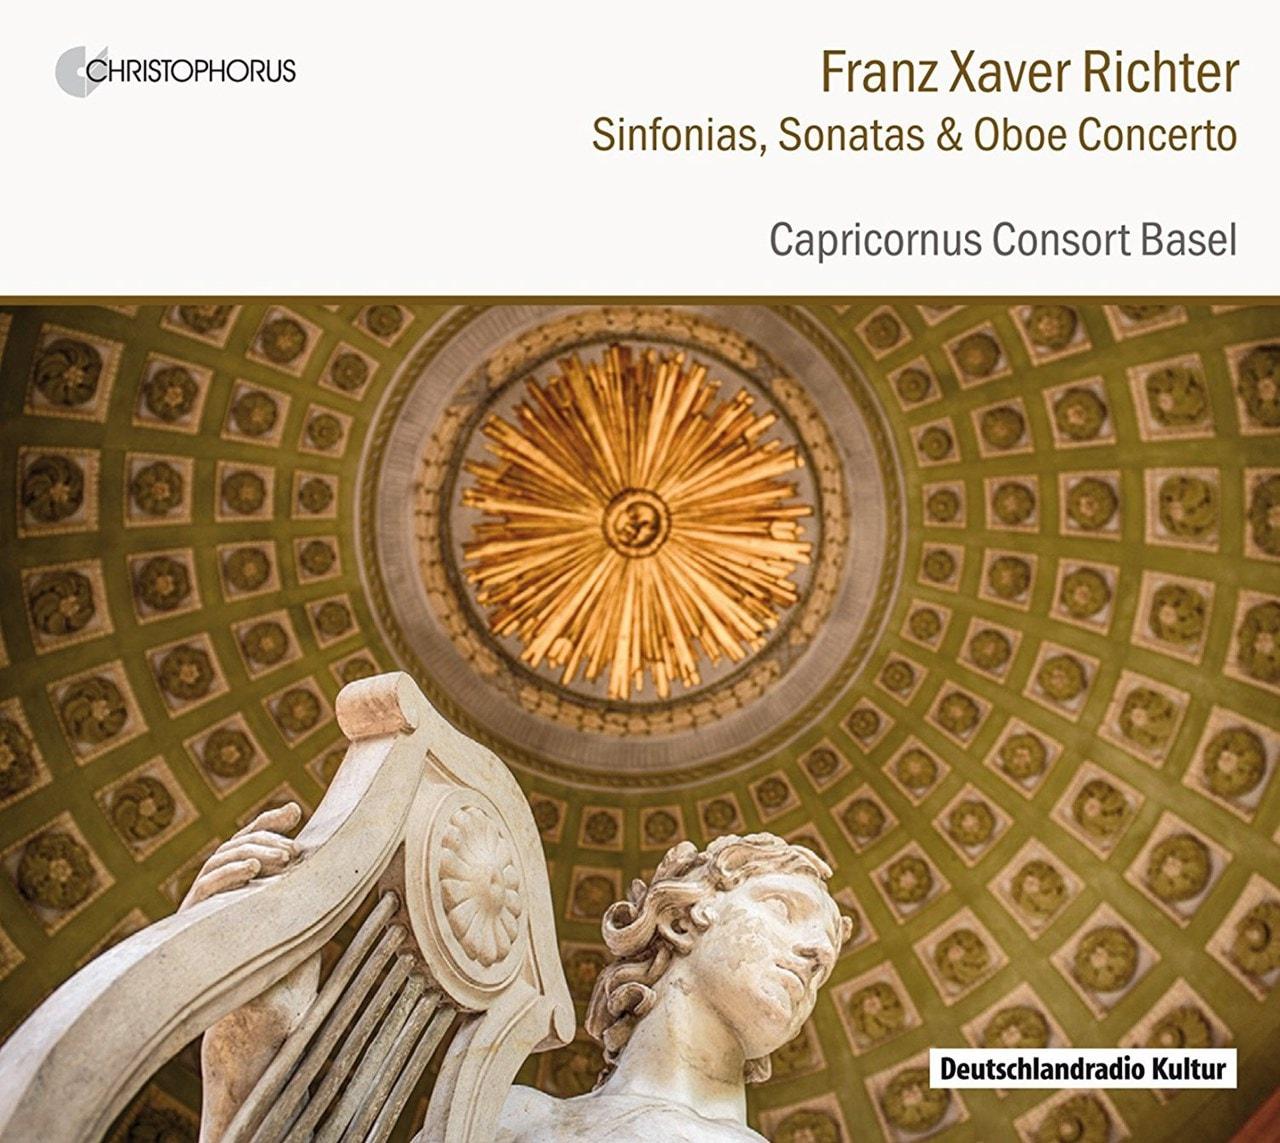 Franz Xaver Richter: Sinfonias, Sonatas & Oboe Concerto - 1